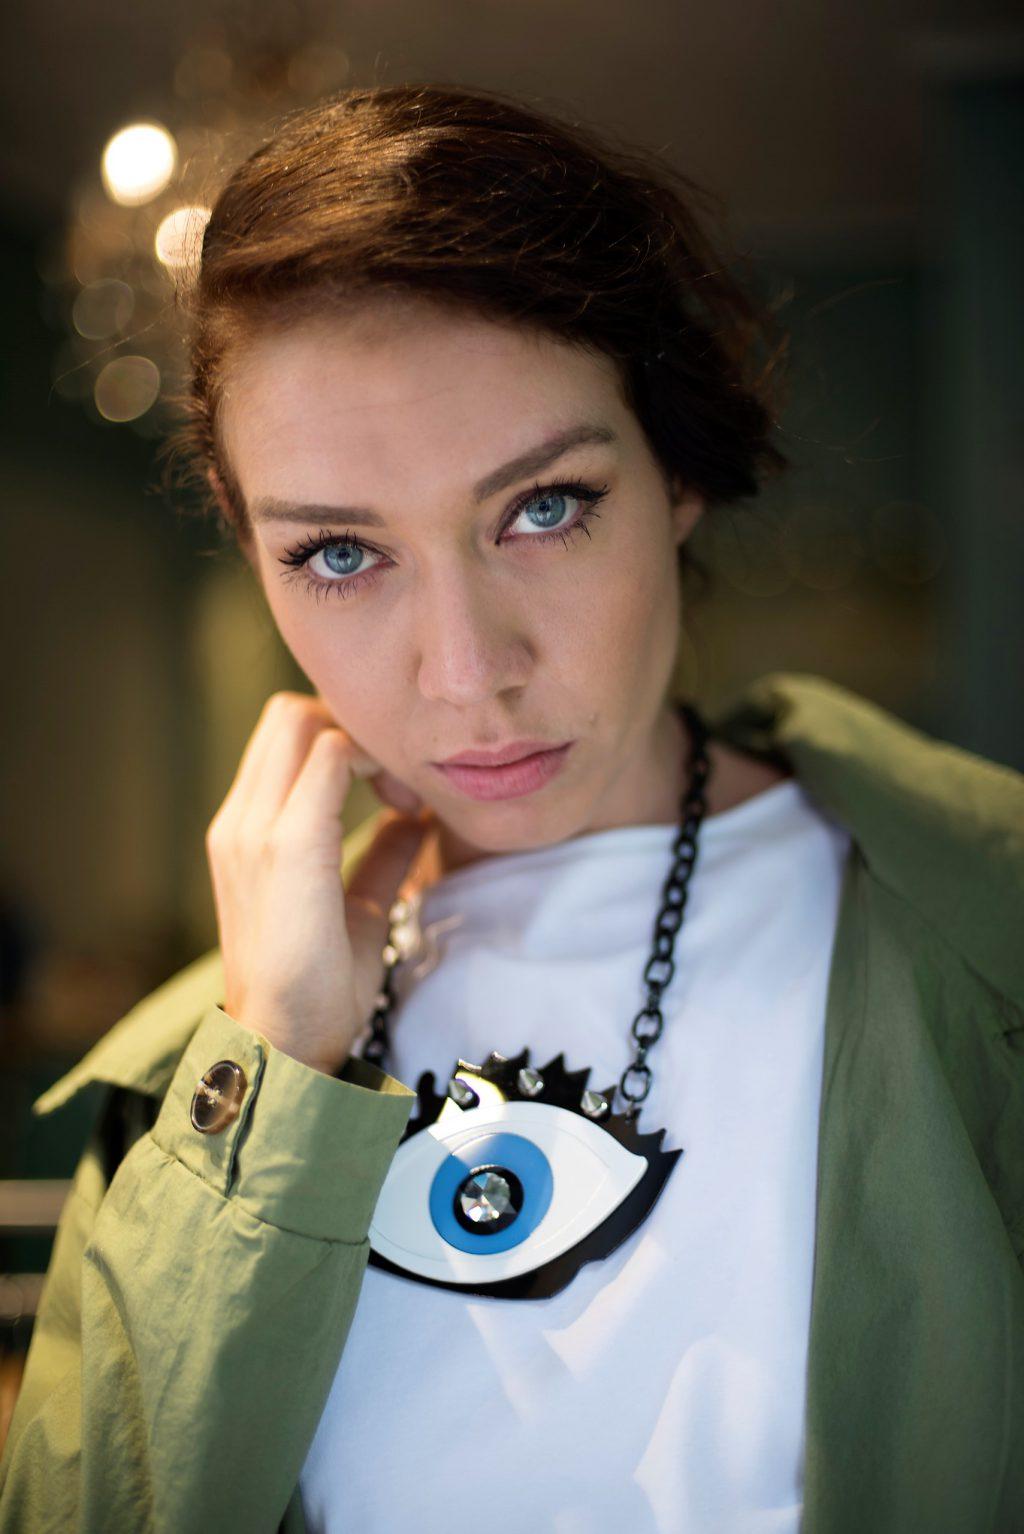 fashion portrait blue eyes candice maury